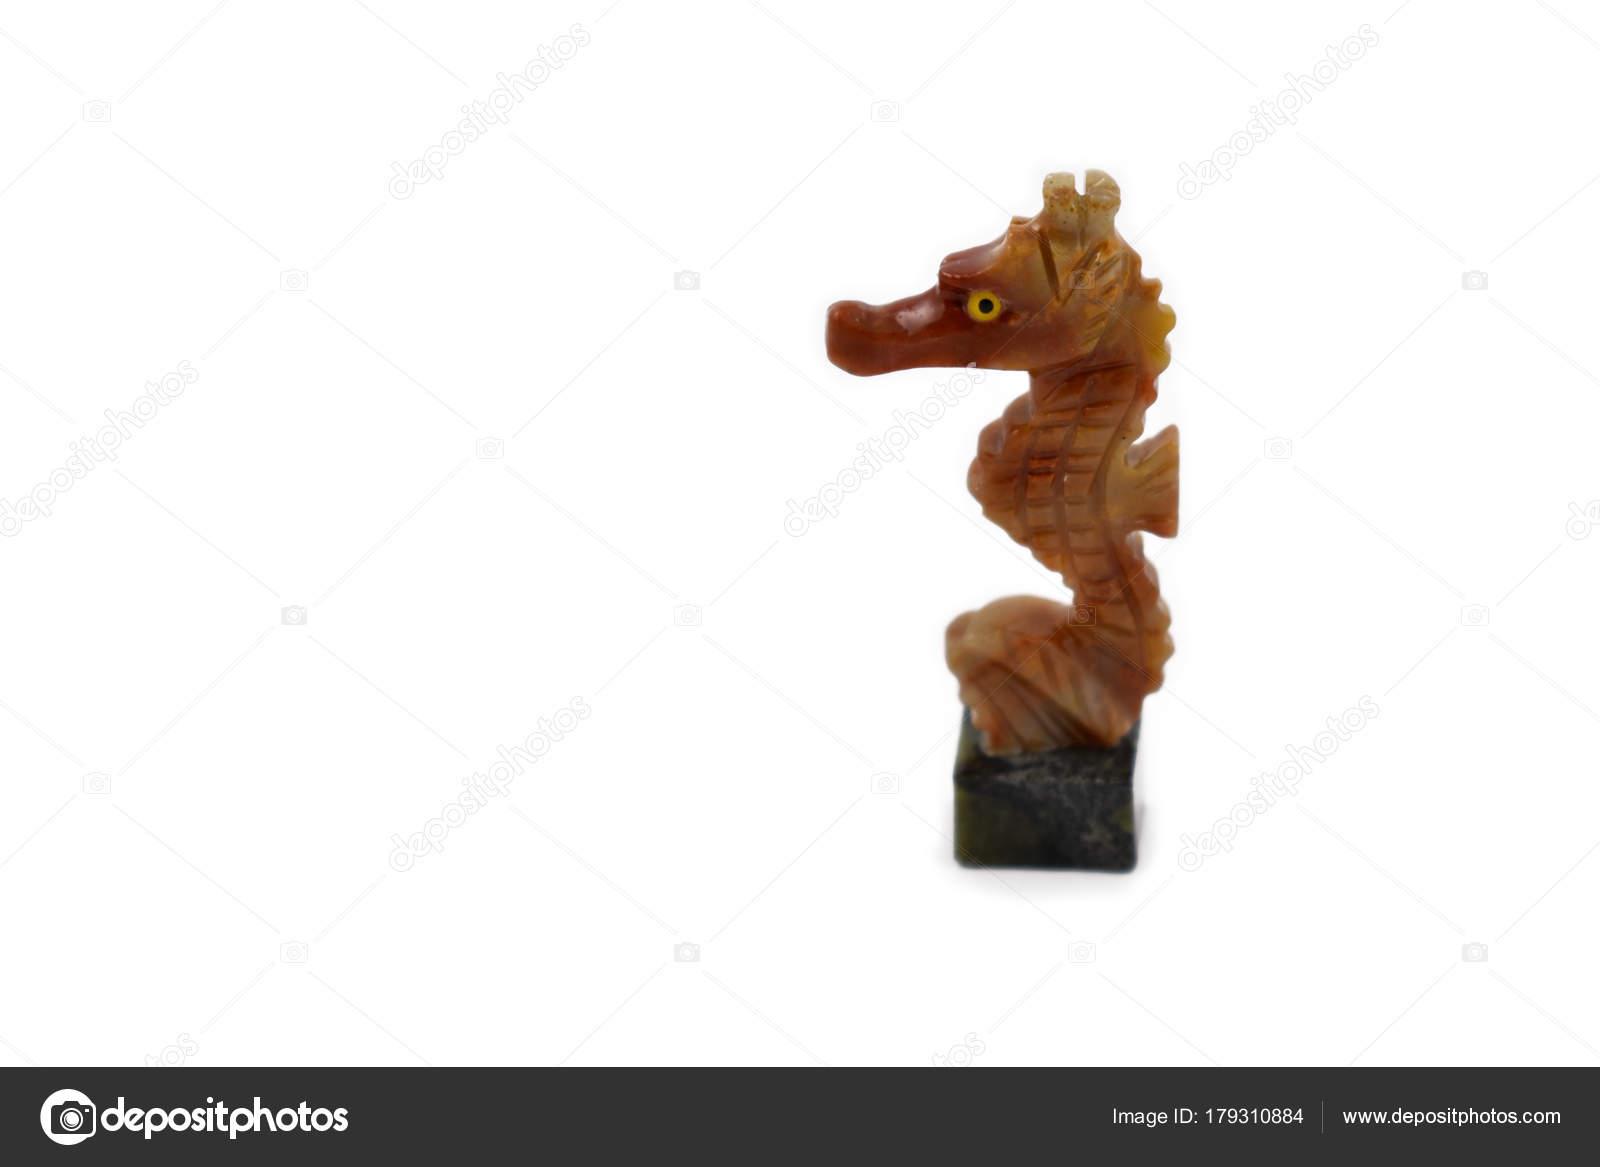 Seepferdchen Statue Archivbilder Seepferdchen Isoliert Auf Einem ...